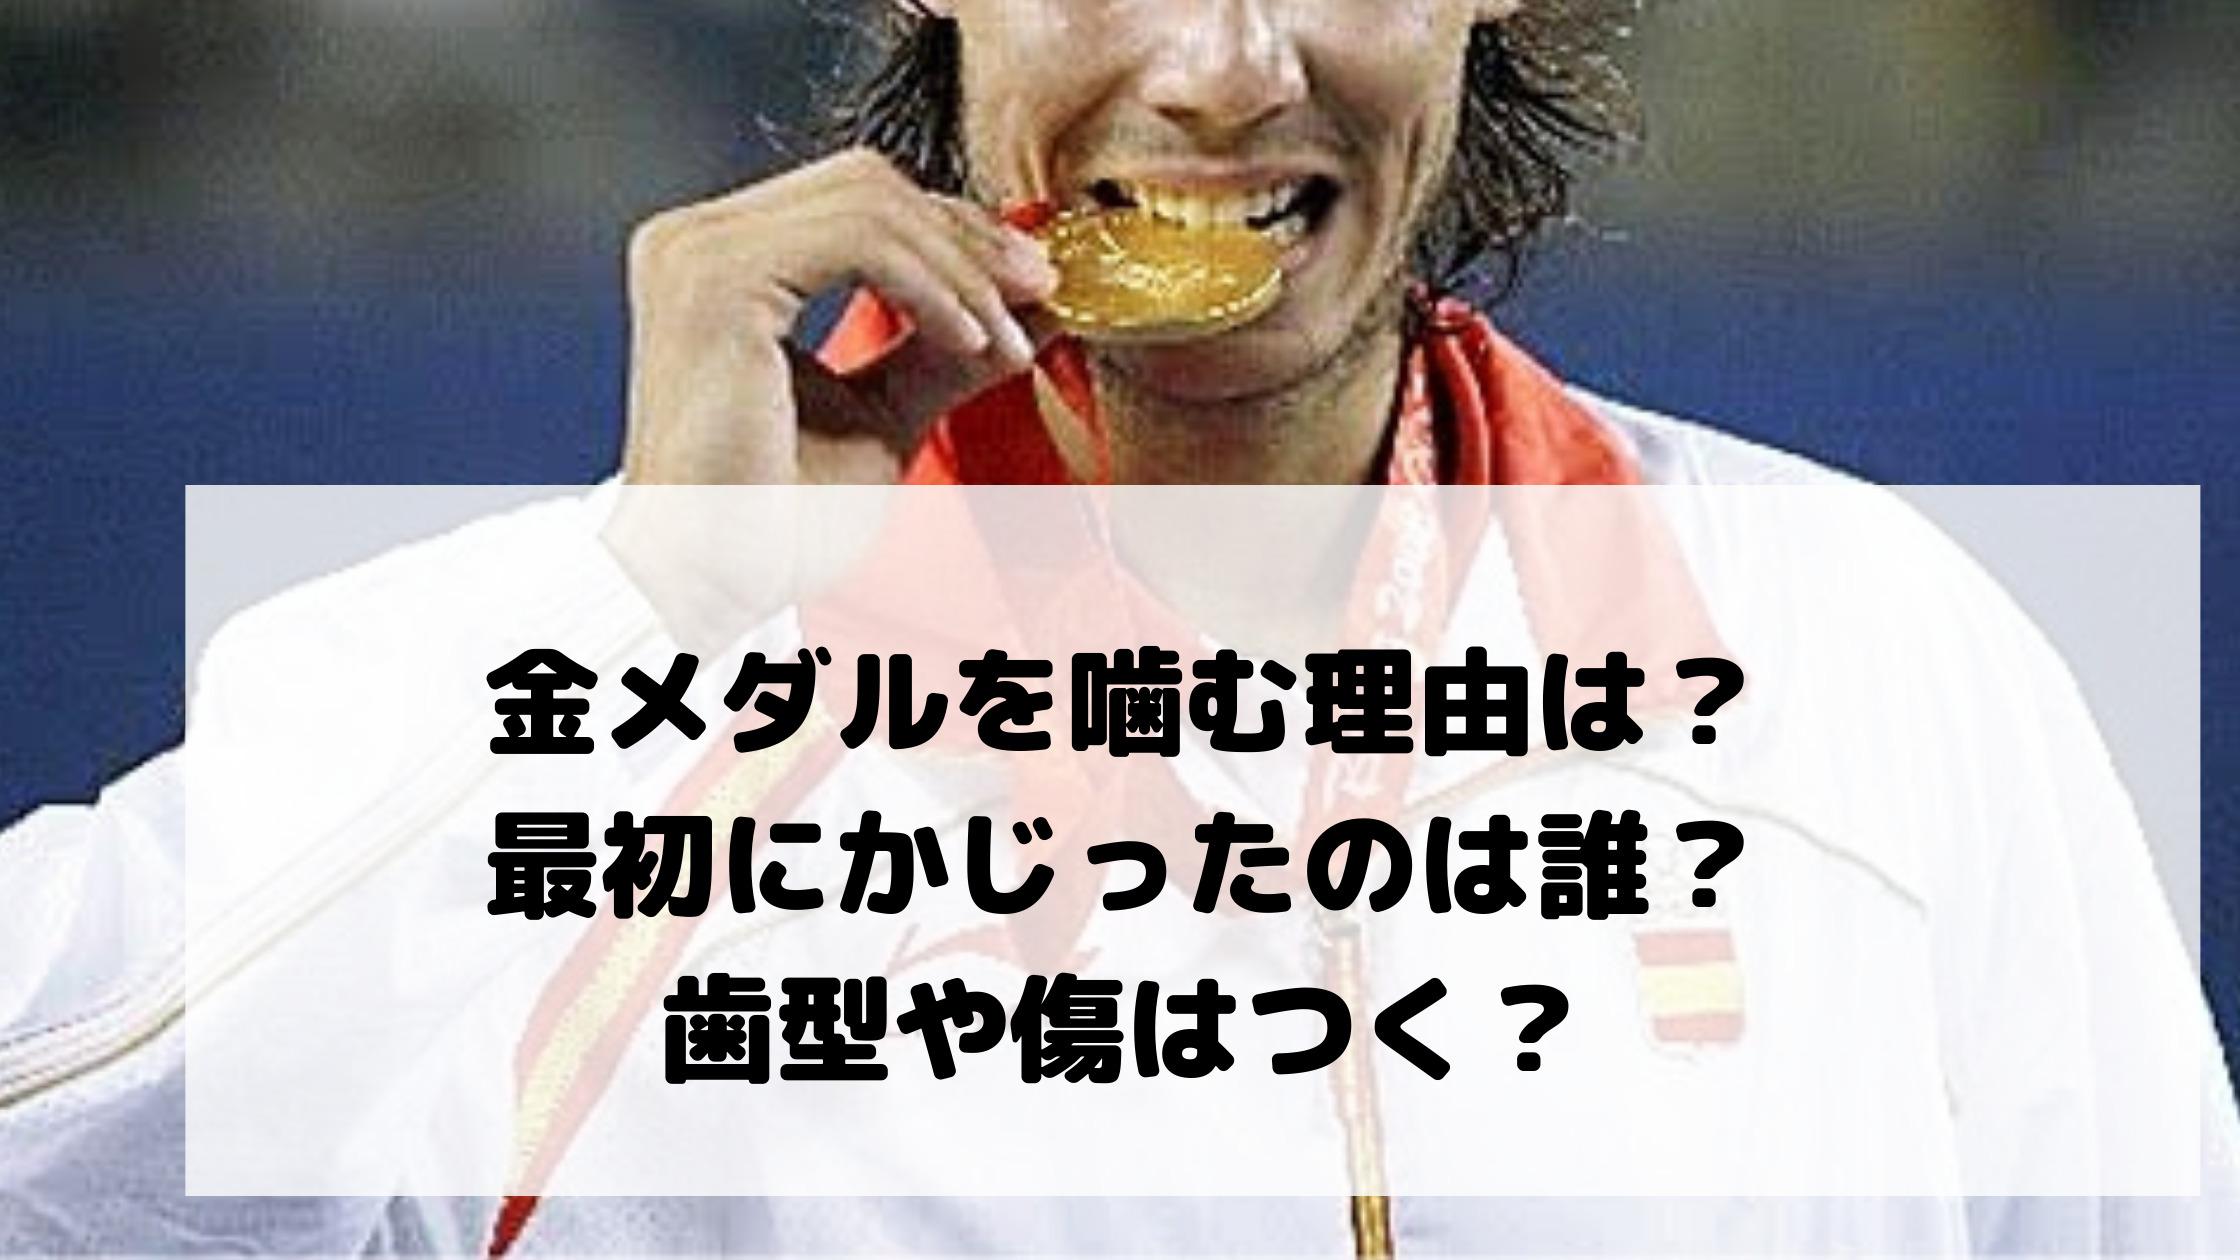 金メダルを噛む理由は?最初にかじったのは誰?歯型や傷はつく?